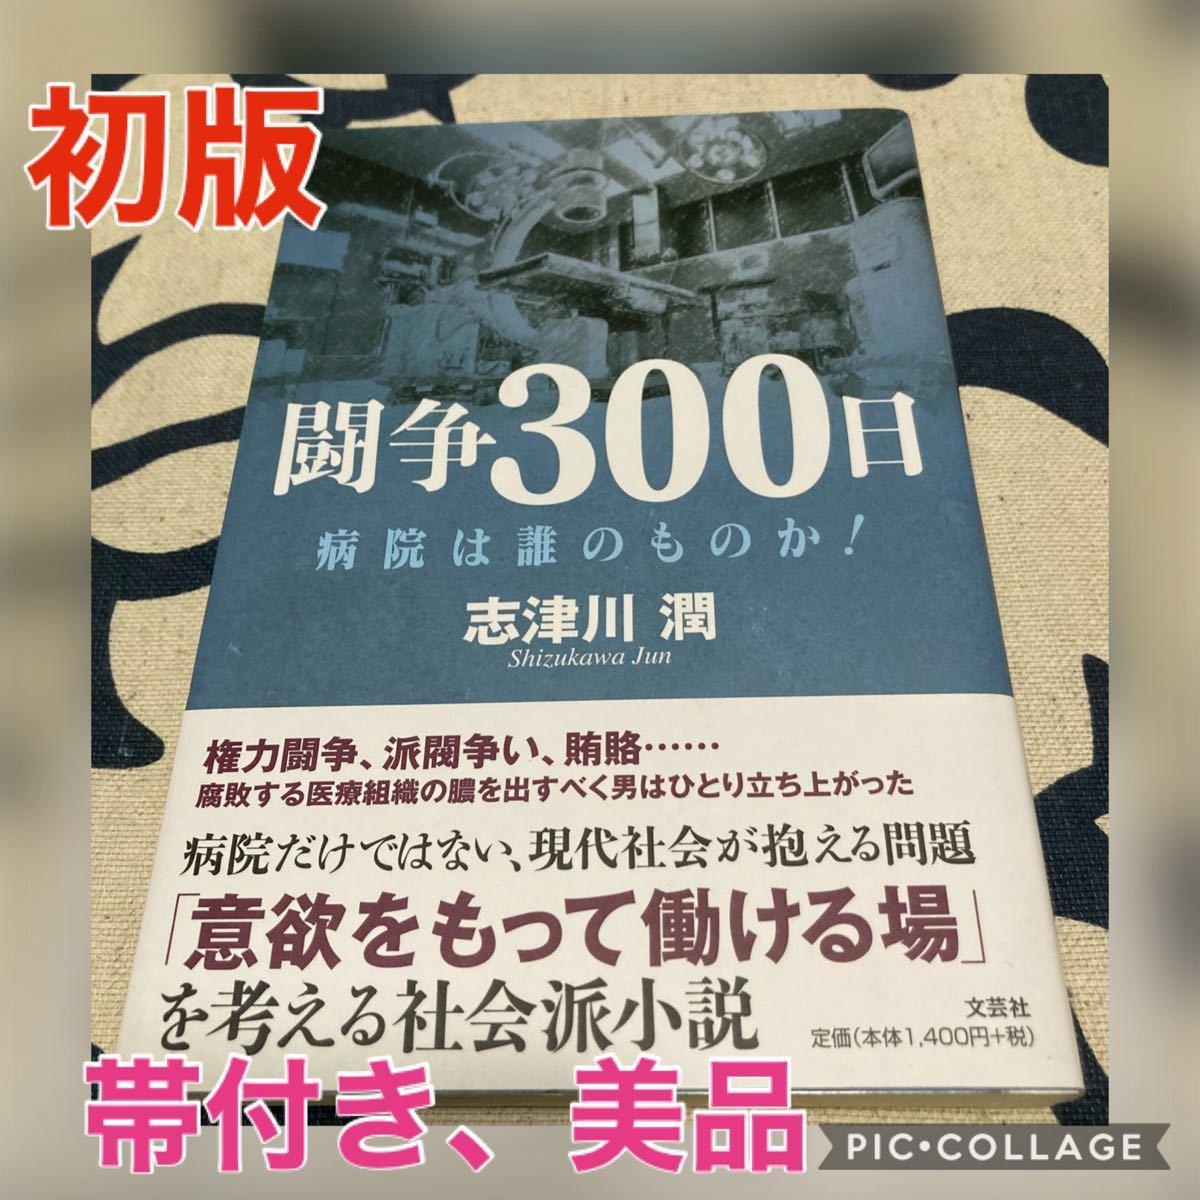 【初版、帯付き】中古単行本(小説・エッセイ) ≪日本文学≫ 闘争300日 病院は誰のものか!